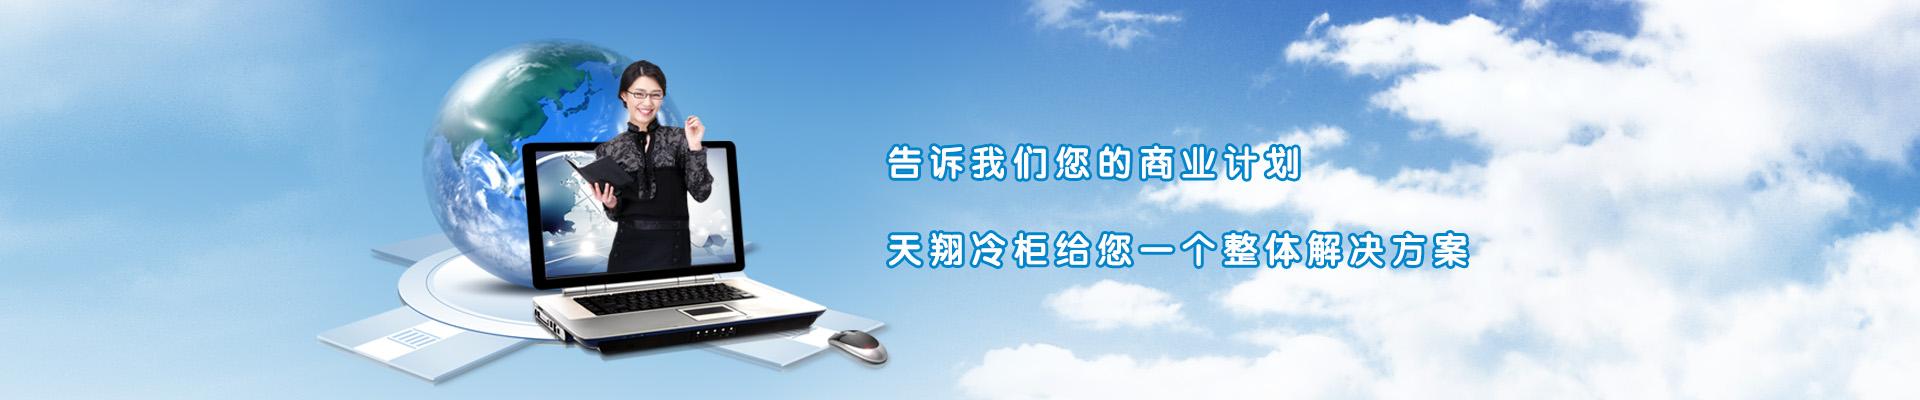 冷柜产品资讯